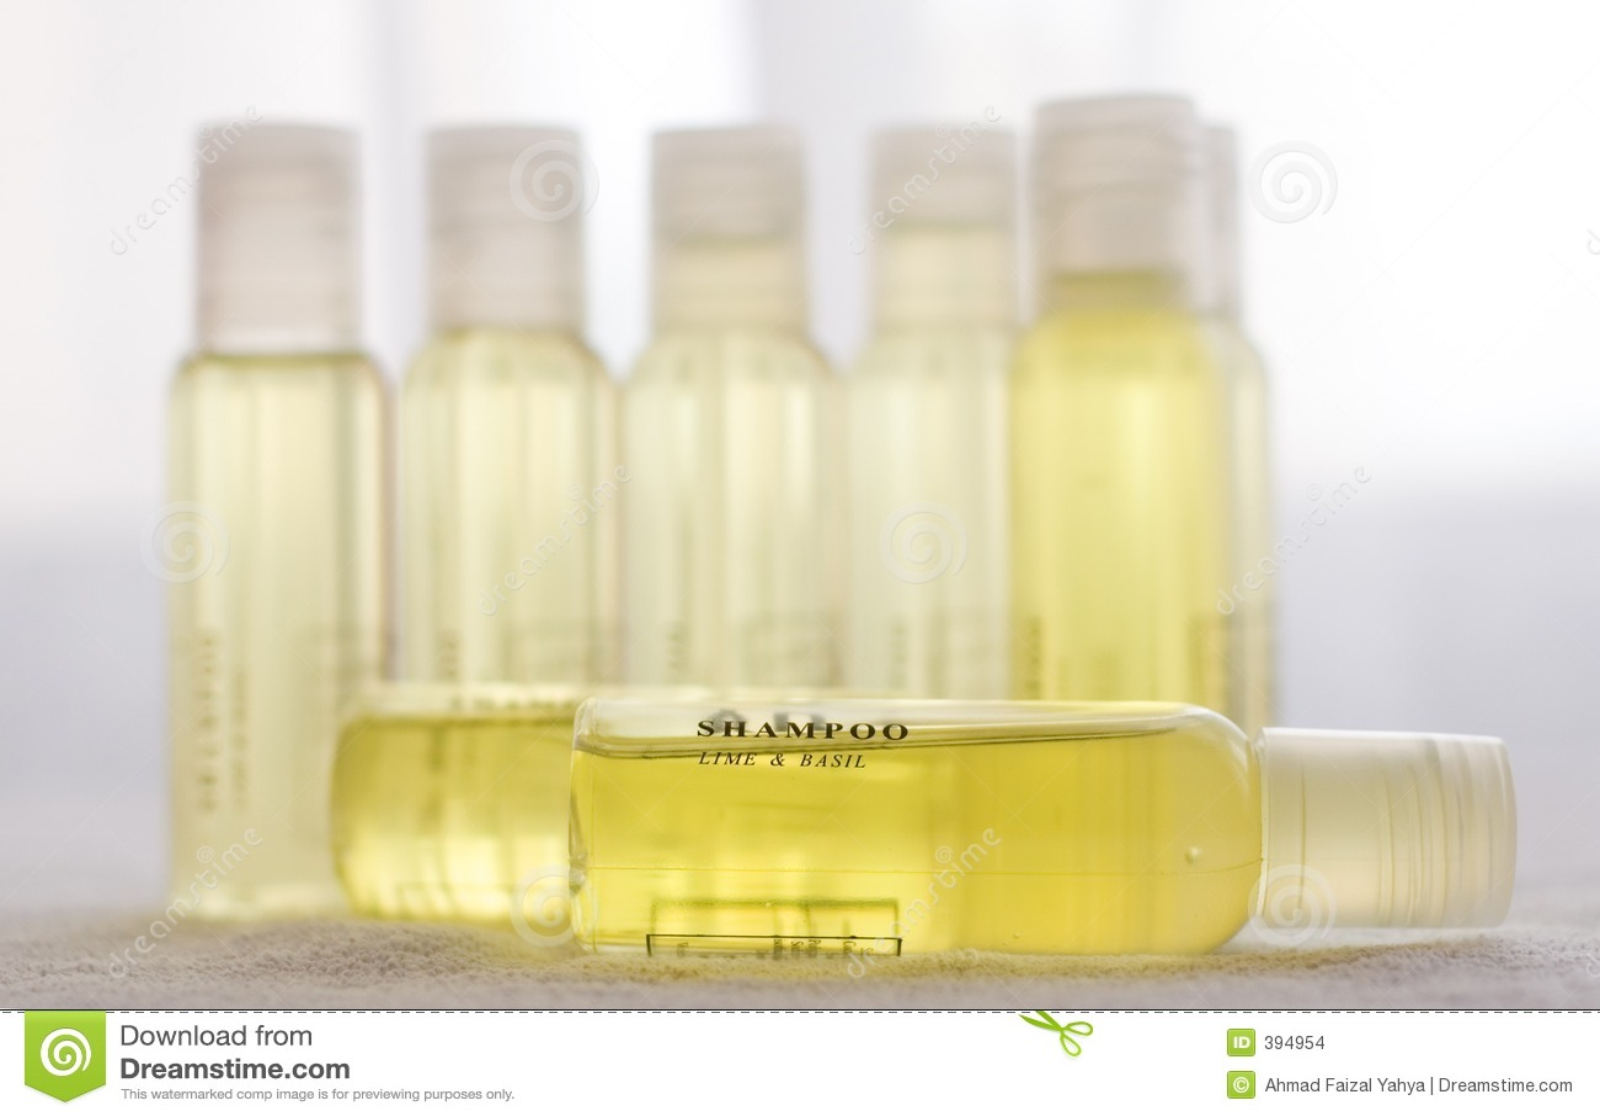 Shampooing jaune